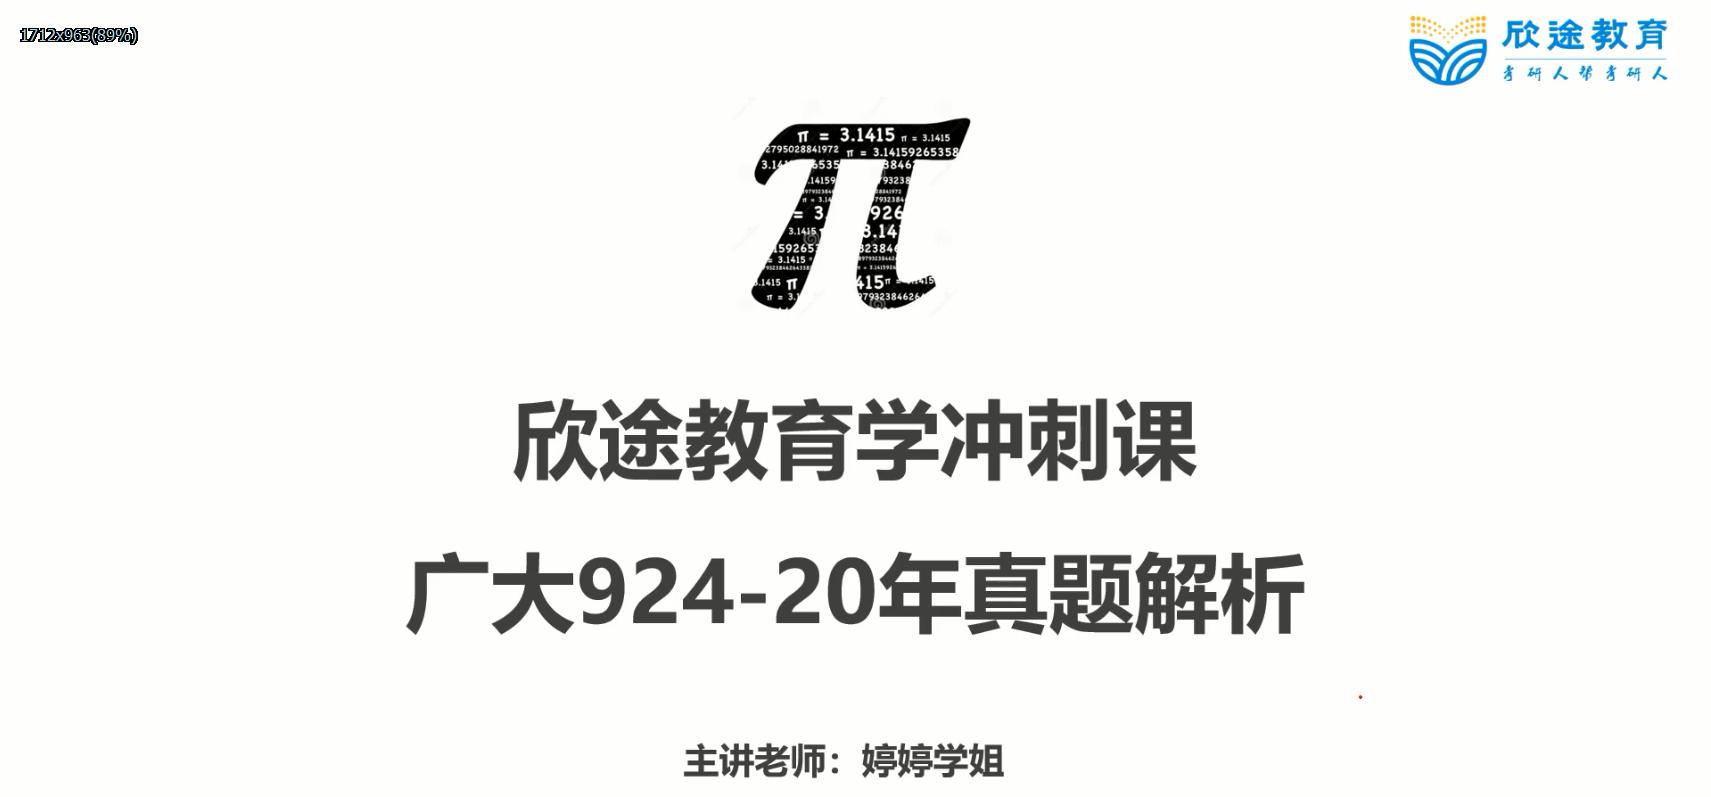 【2021教育学考研】广州大学(学科数学)冲刺真题解析试听课